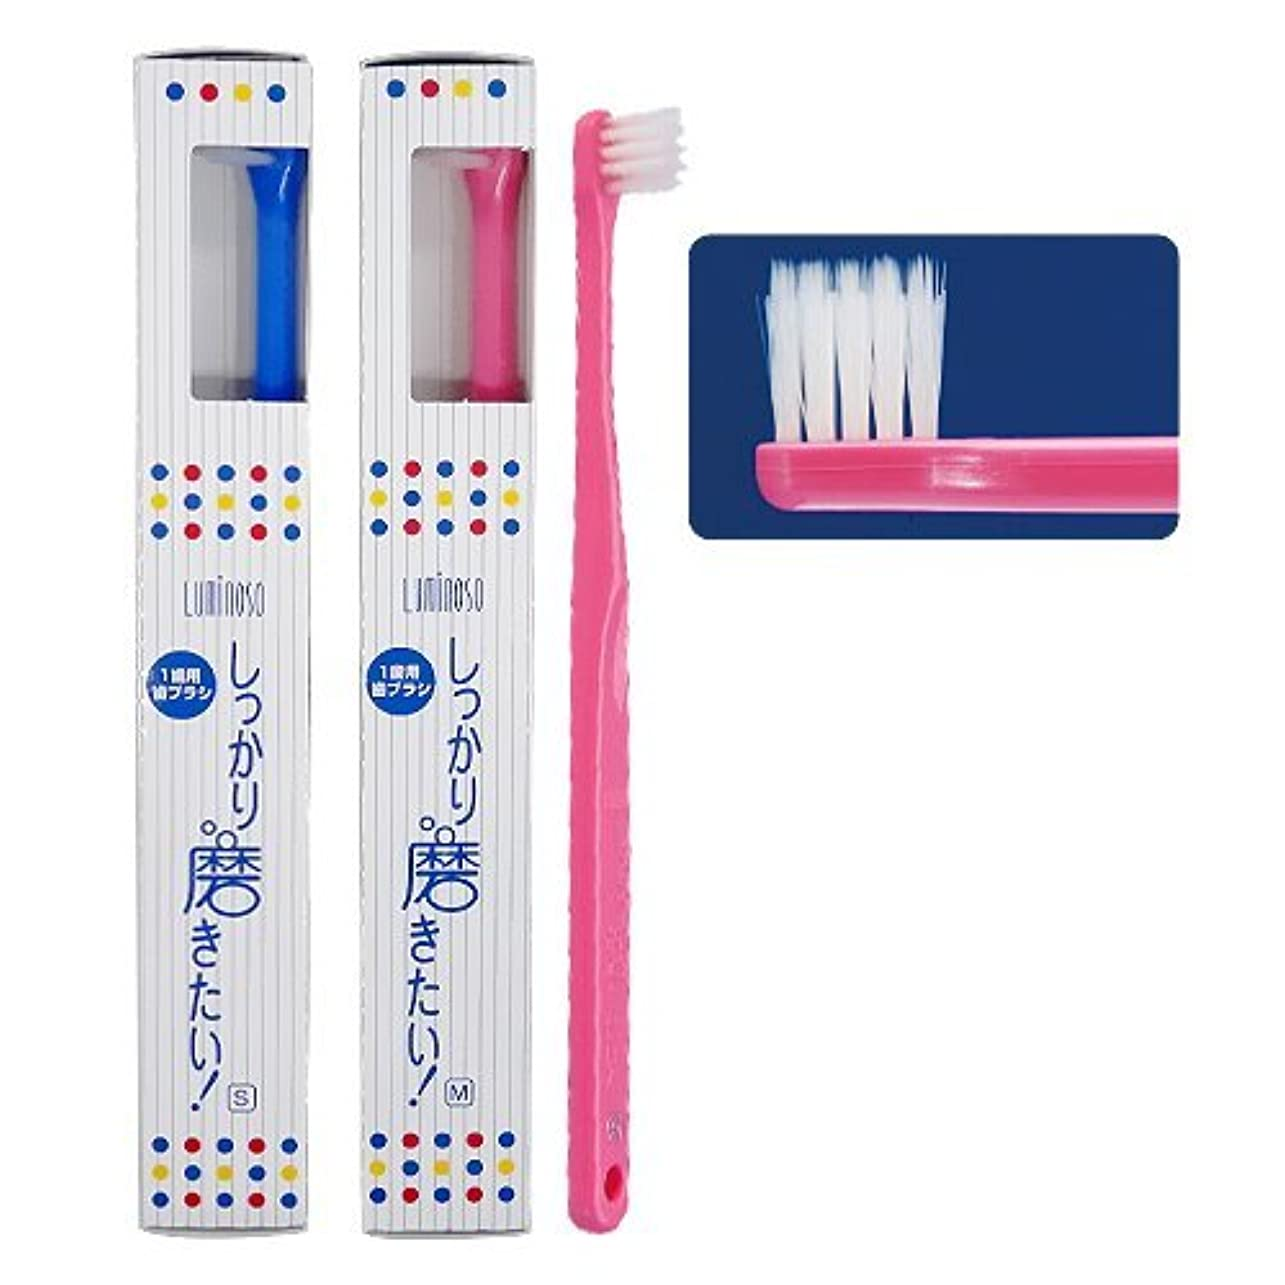 理想的避けられないボクシングルミノソ 1歯用歯ブラシ「しっかり磨きたい!」スタンダード ミディアム (カラー指定不可) 5本